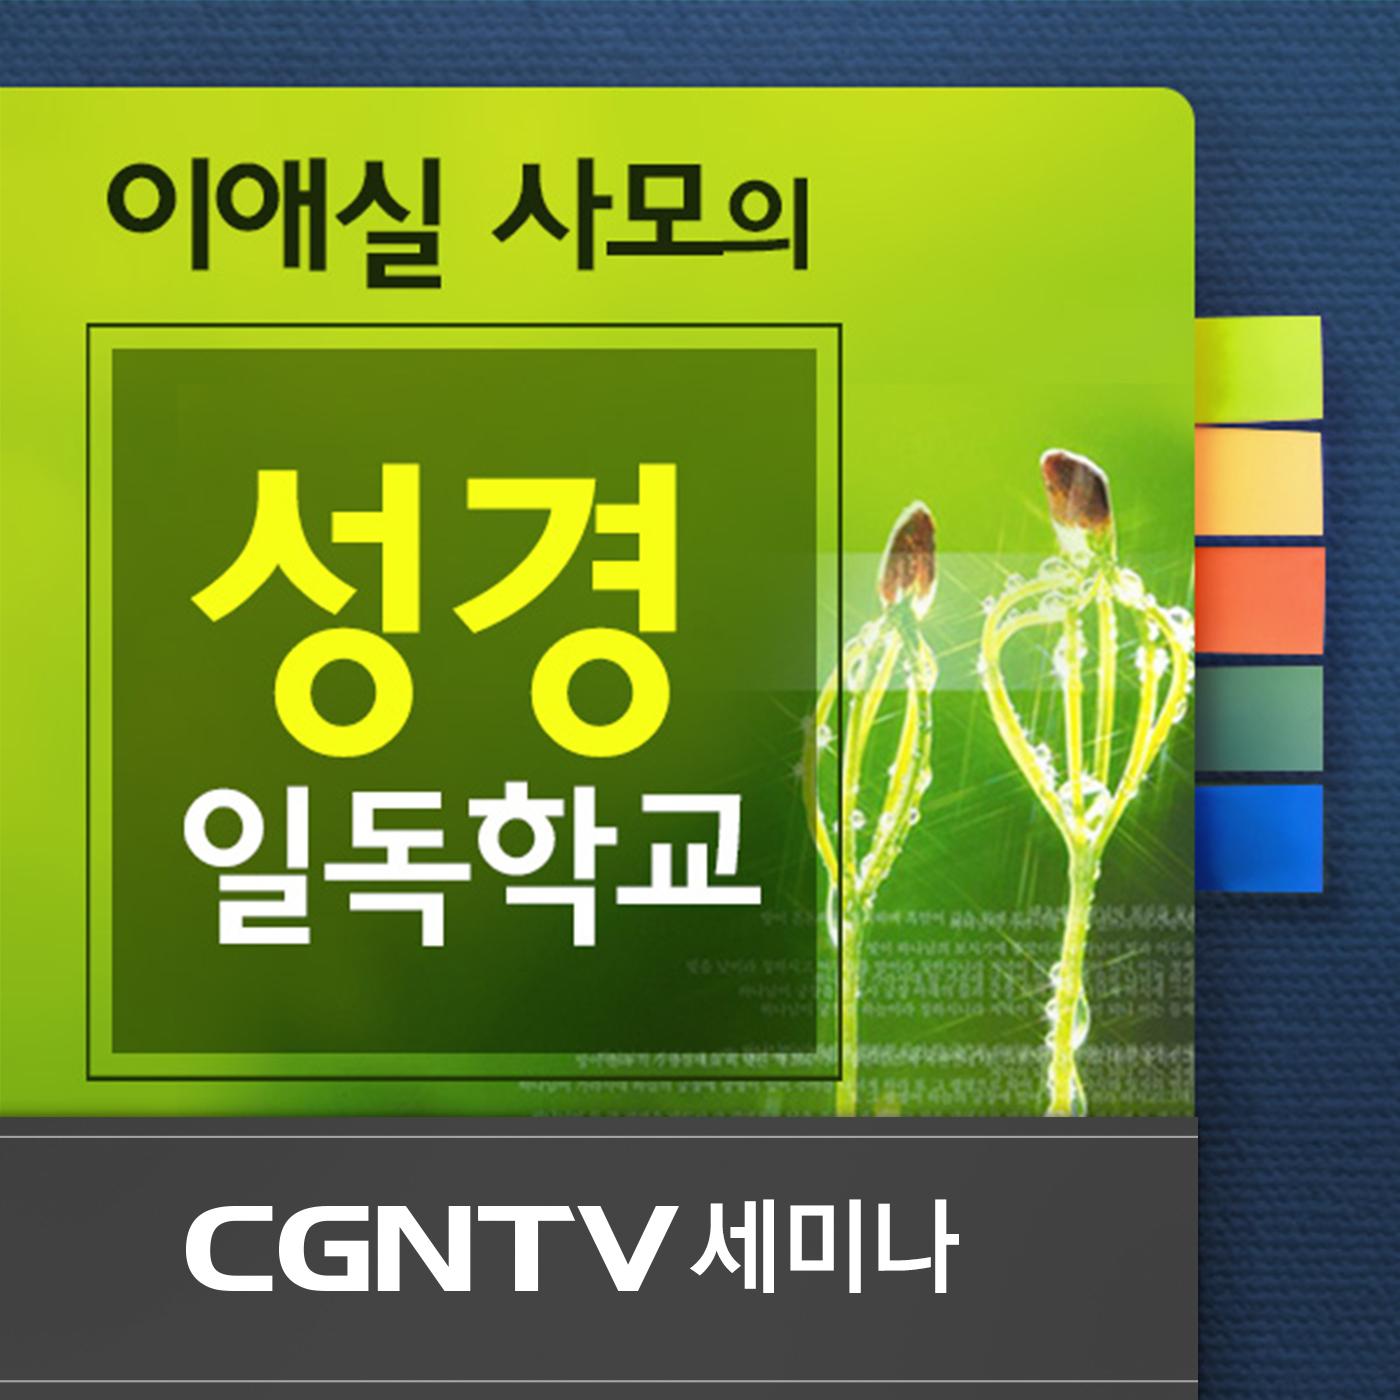 프로그램 이미지